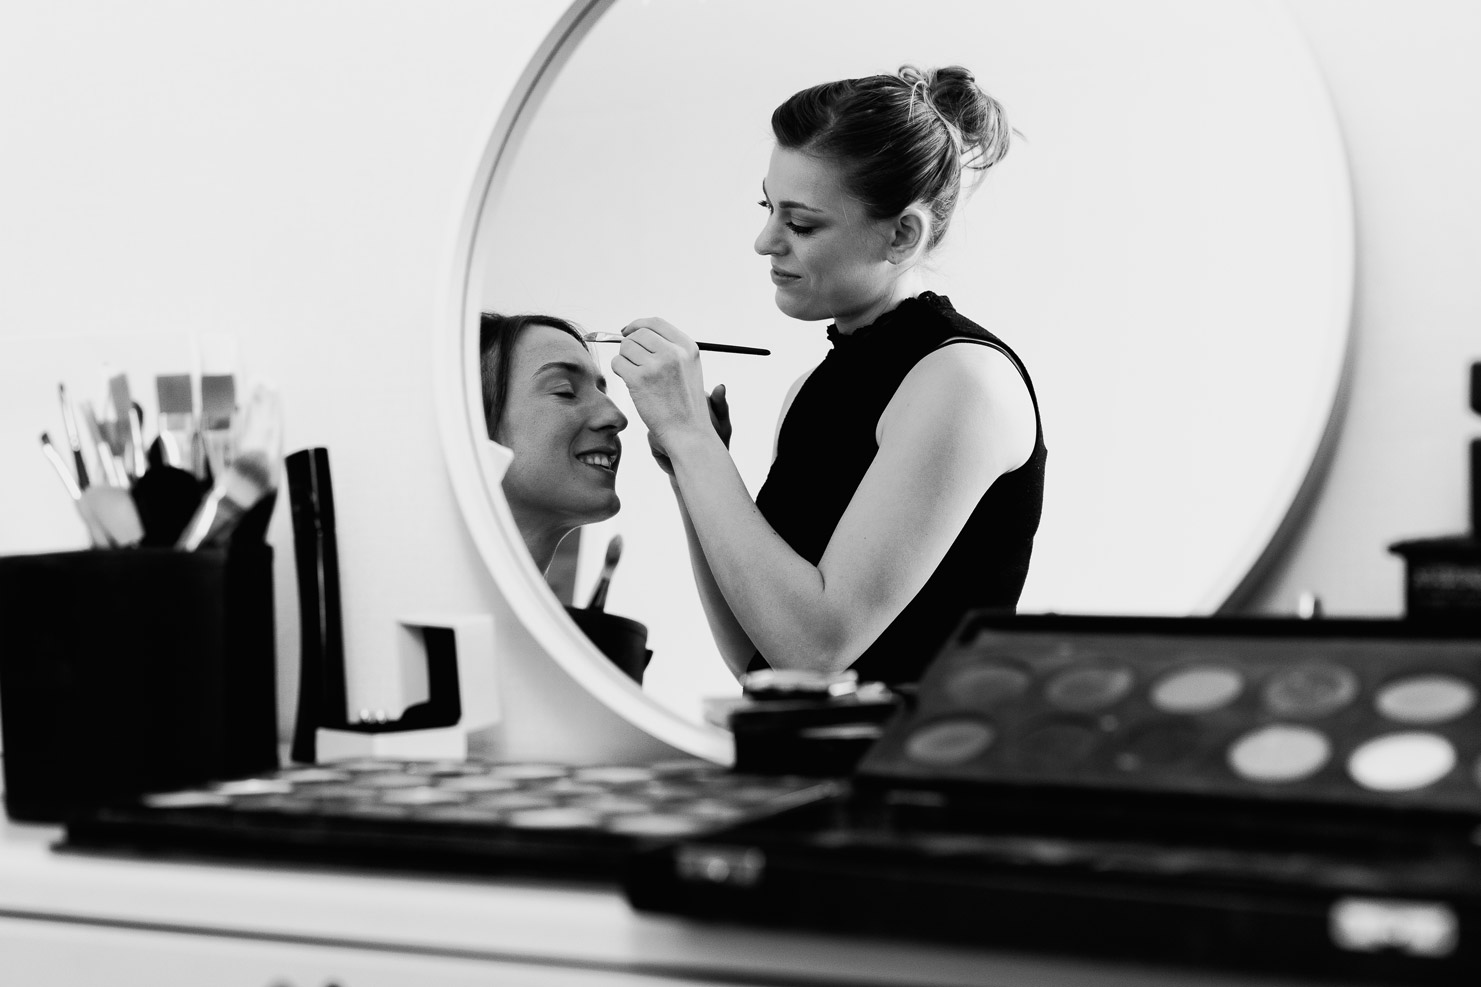 Hotel Royal Saint Mart Royat Clermont Ferrand Maquillage de la mariée, très belle photo